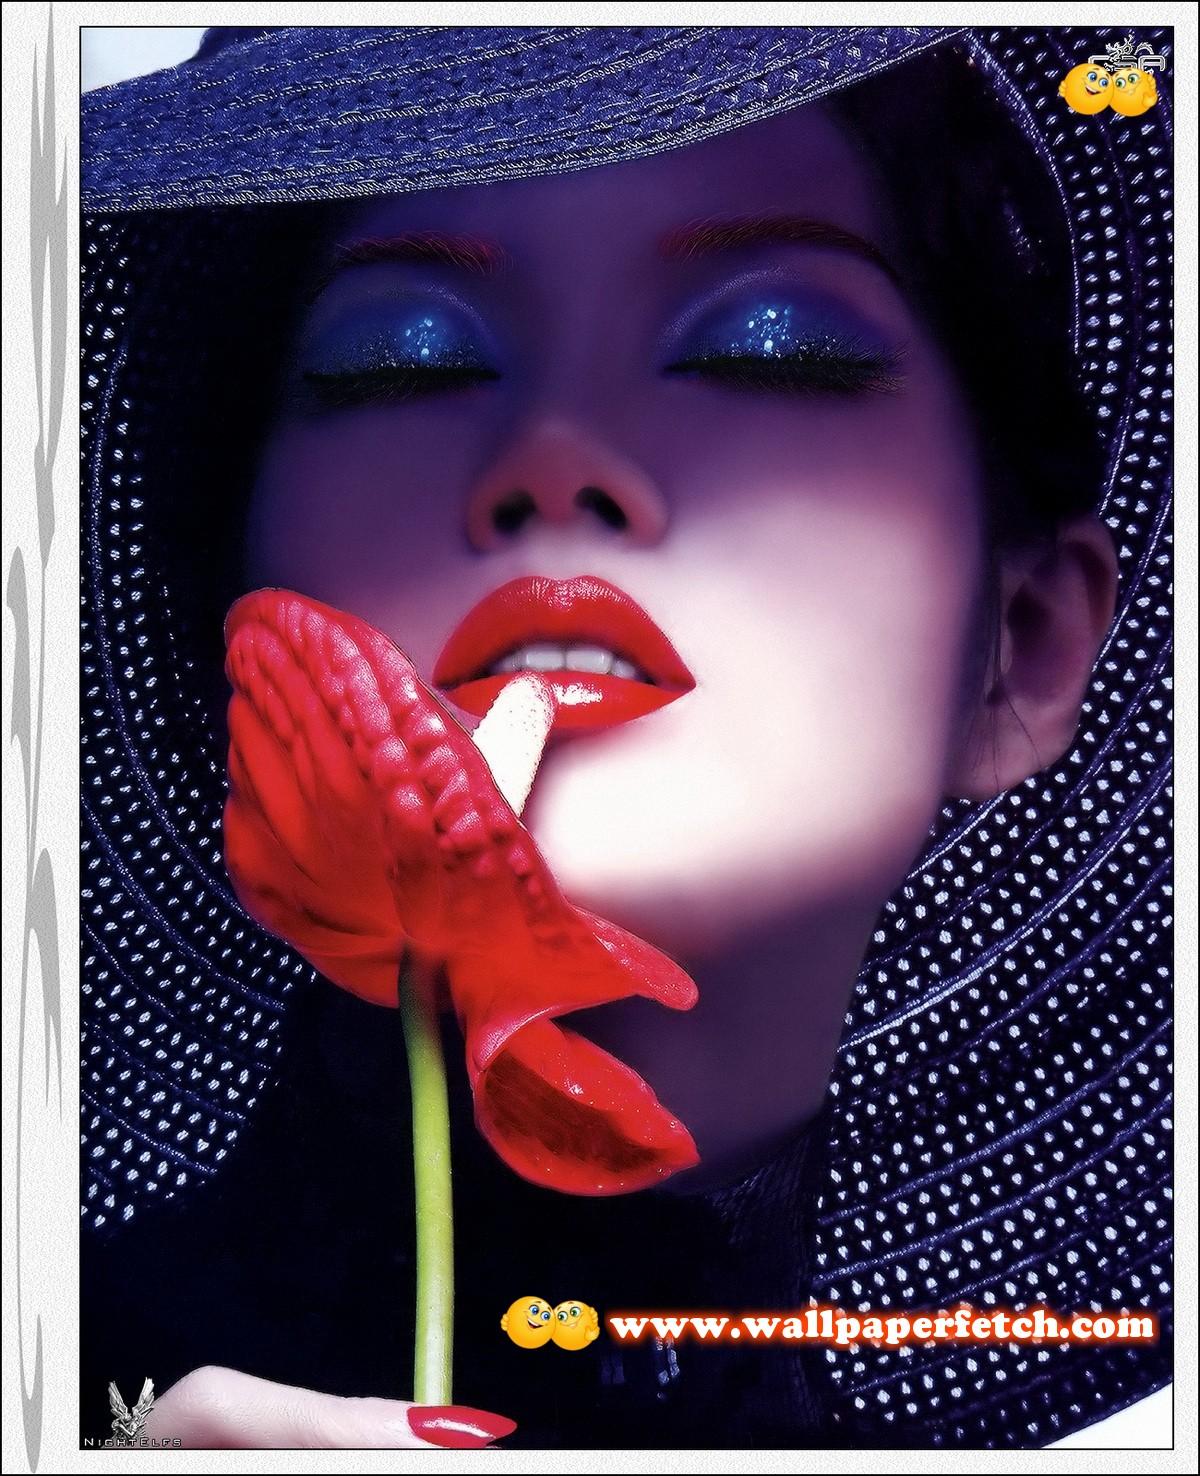 http://1.bp.blogspot.com/-DrC80K6hc9k/TuJzqPZUorI/AAAAAAAAIy4/Yx5xQtV7iVE/s1600/357.jpg